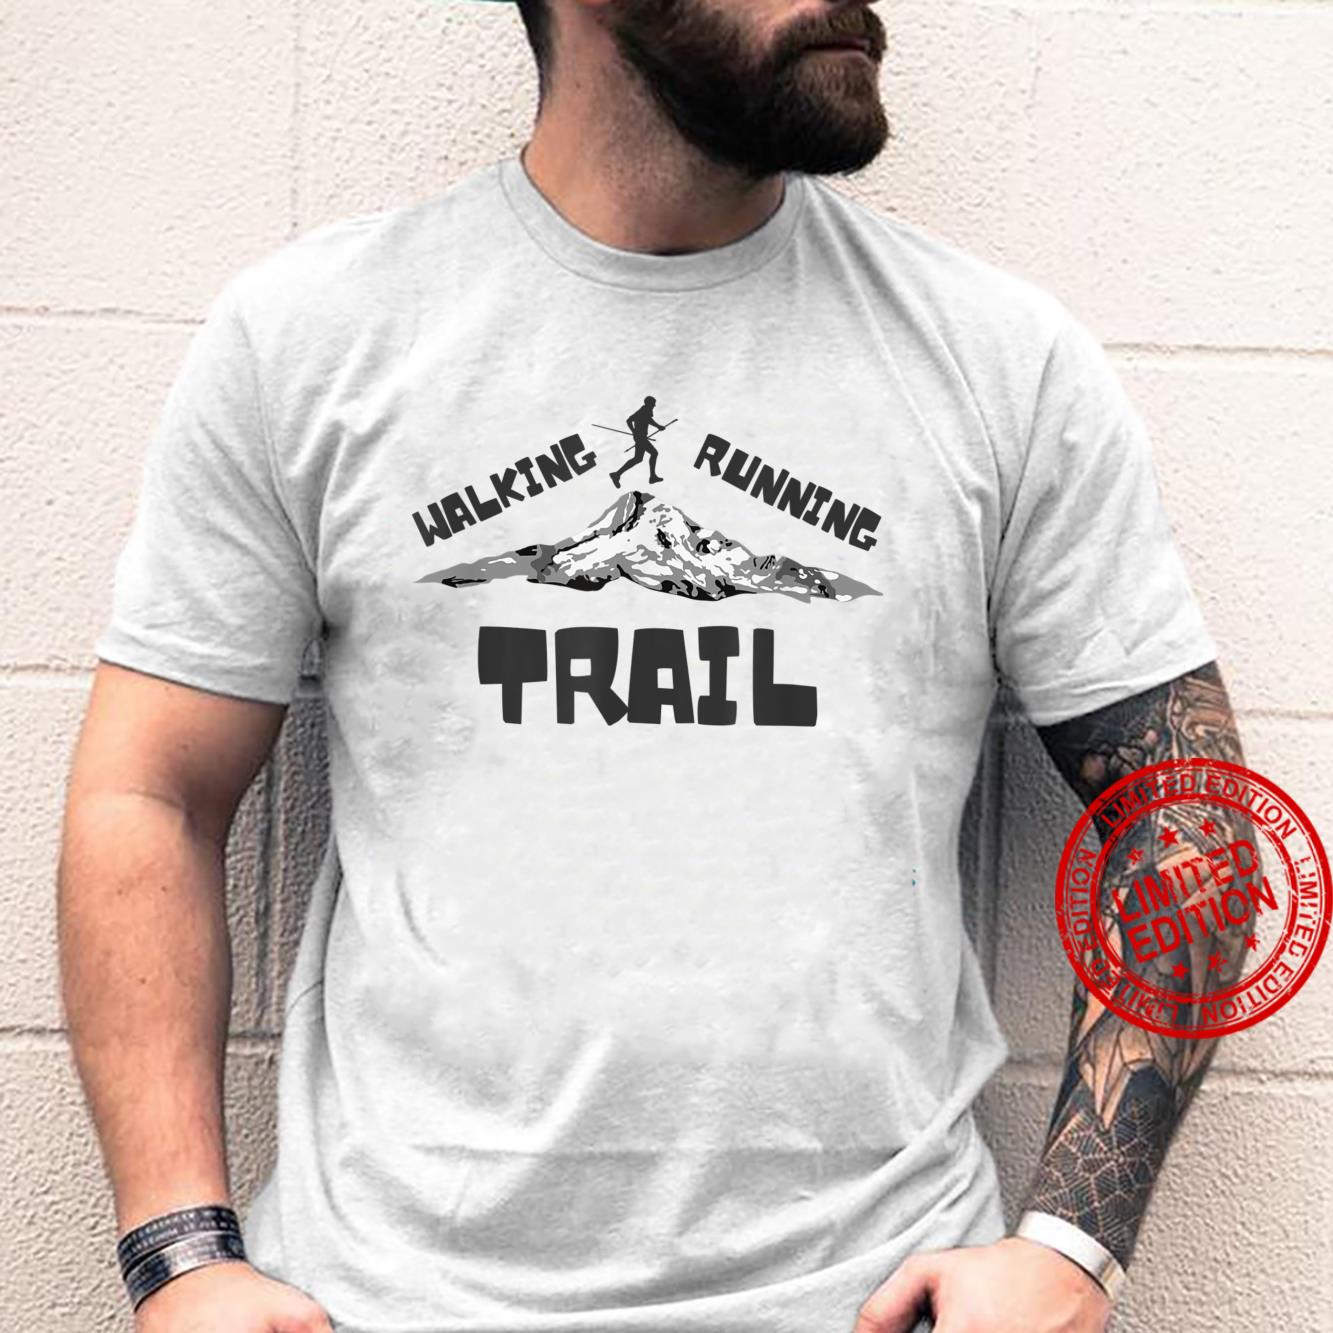 Trail Running or Walking Shirt